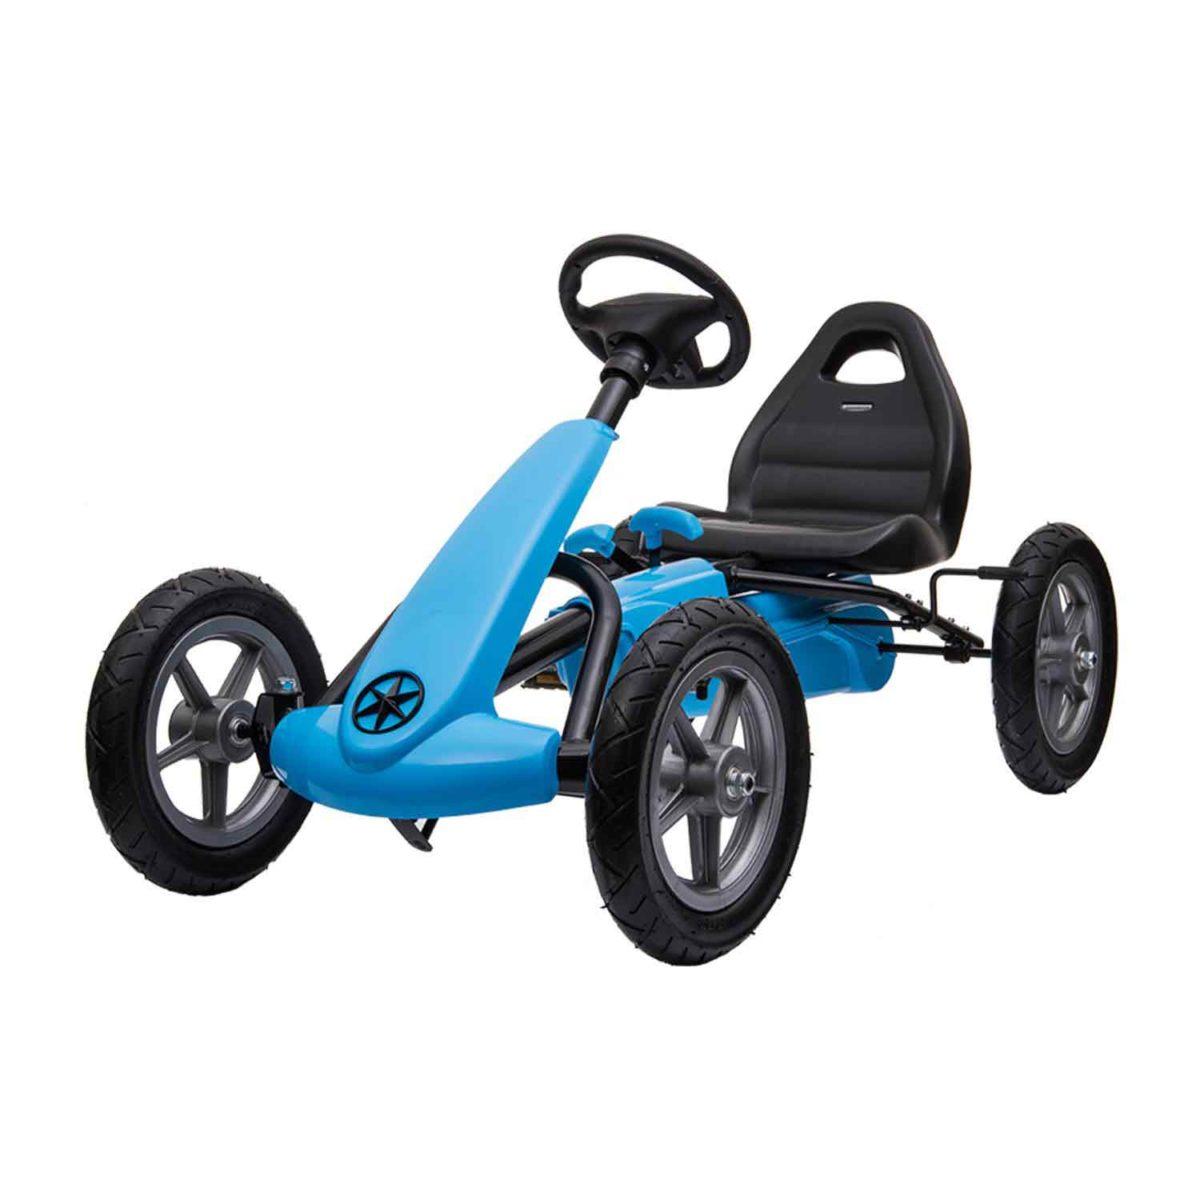 G kart ultra azul